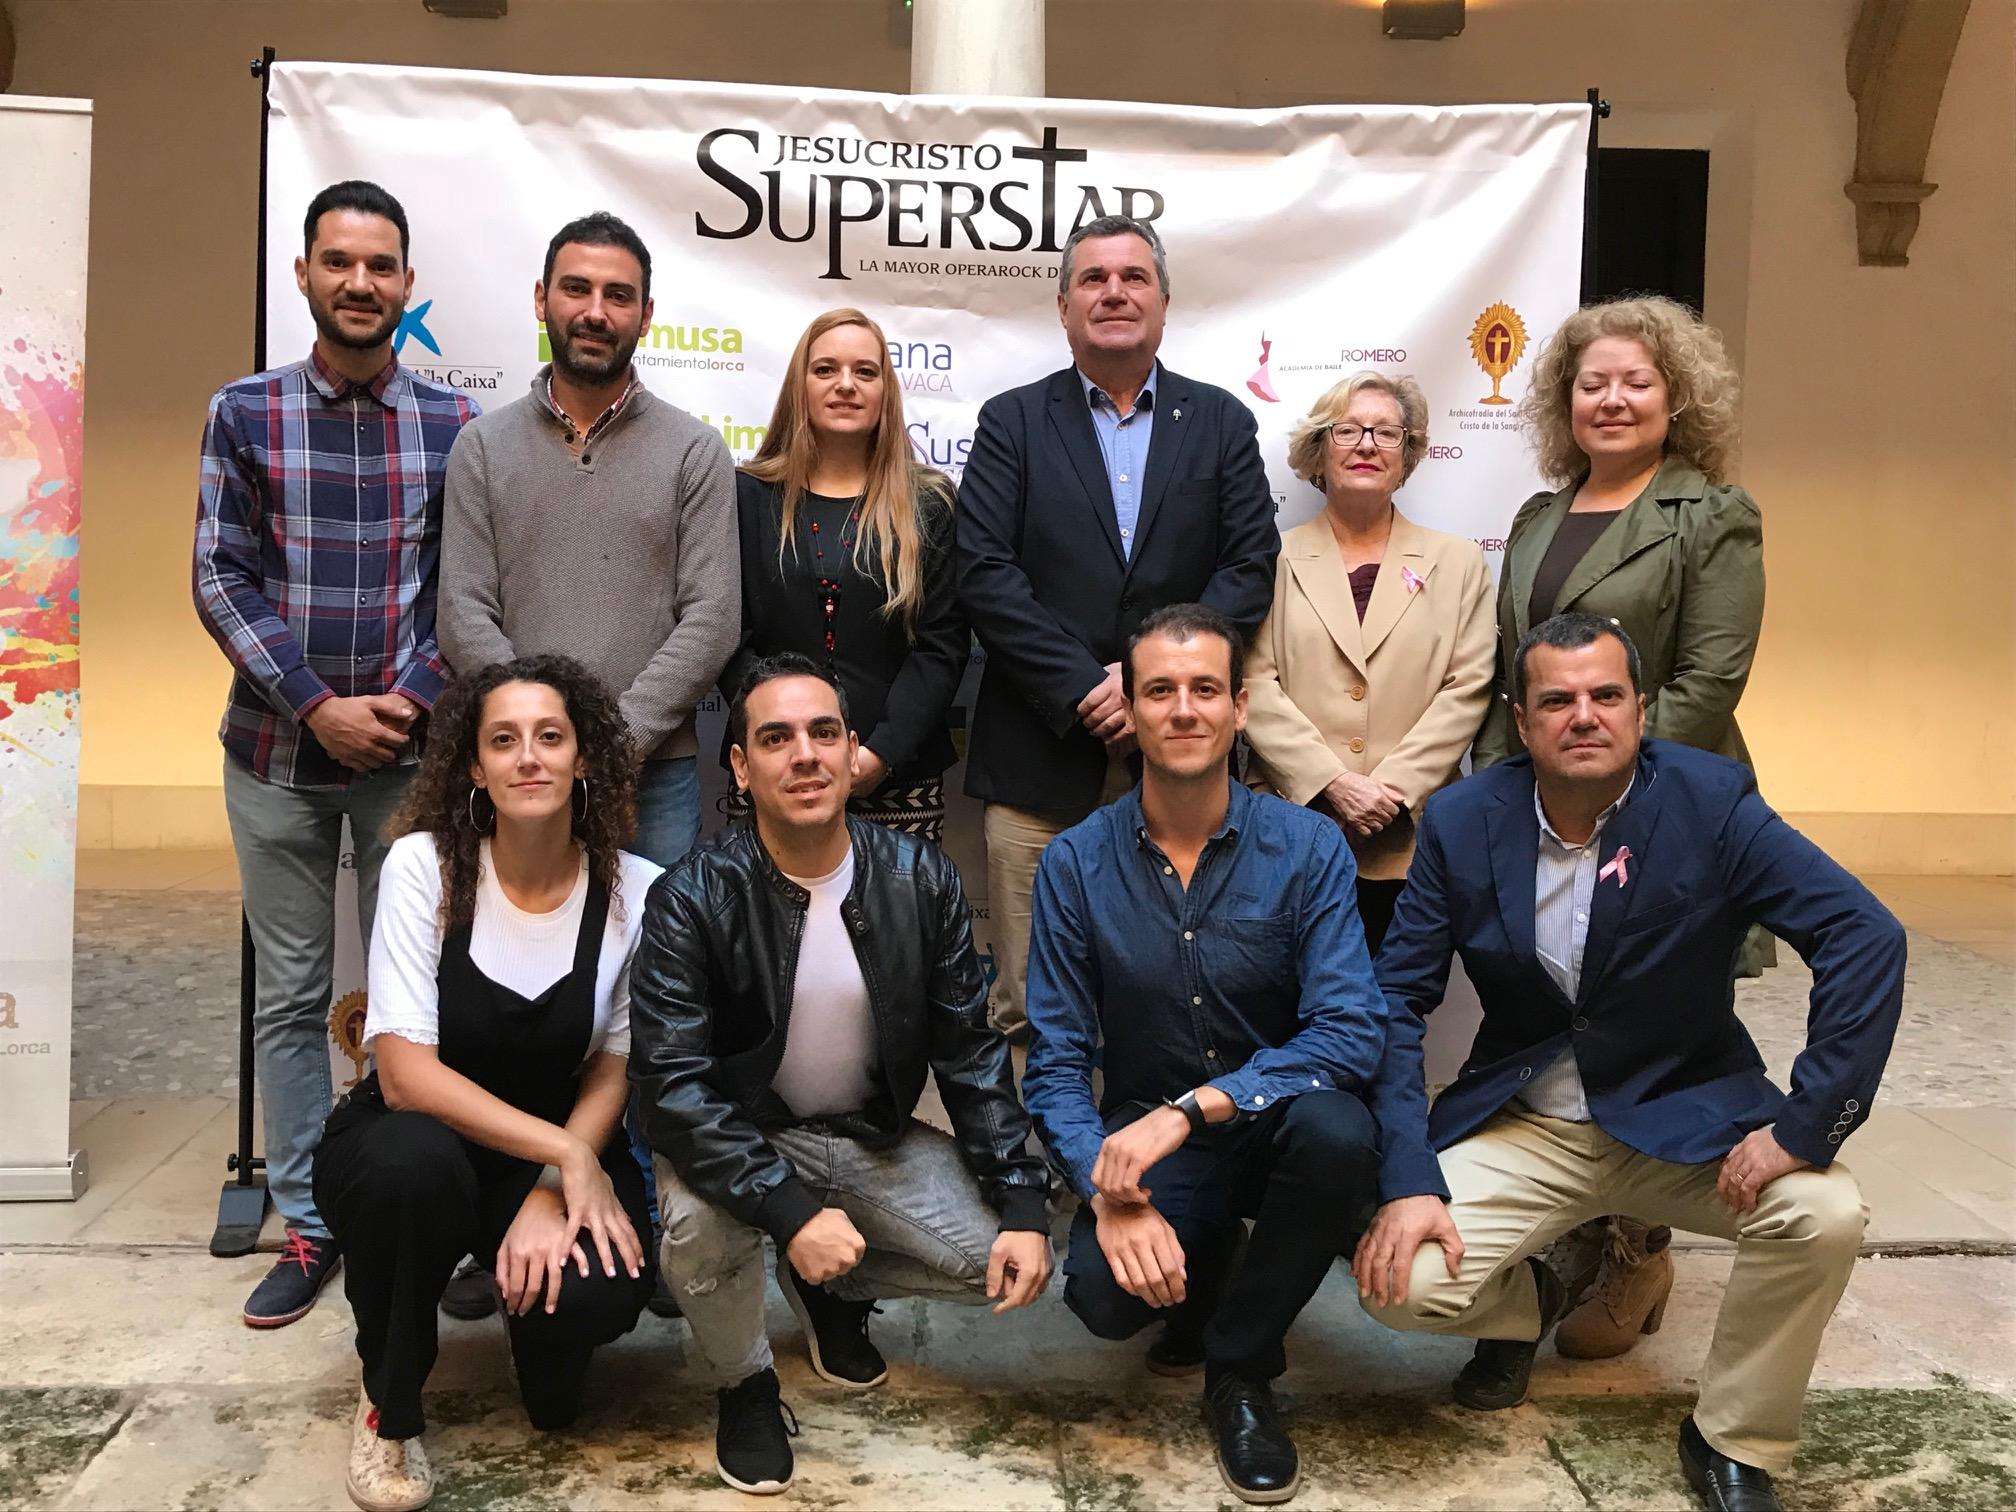 """El Teatro Guerra acoge el musical """"Jesucristo Superstar"""" a beneficio de la AECC"""